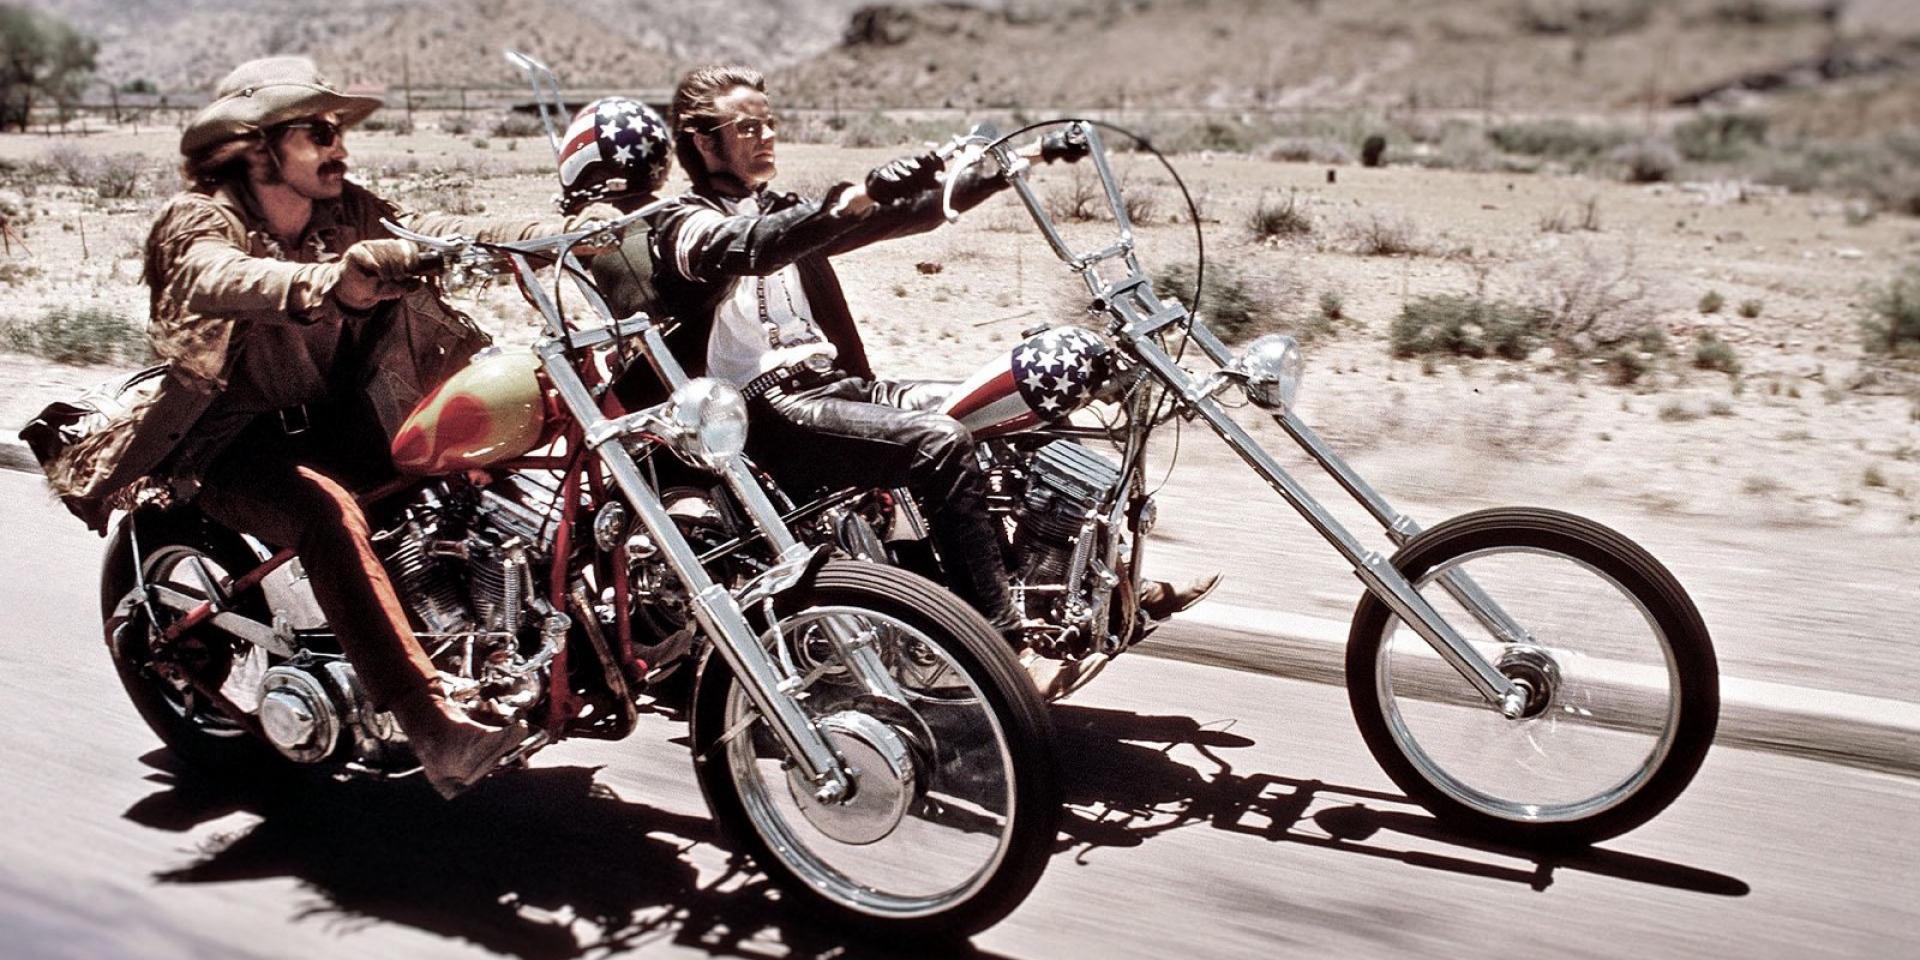 50週年4K重現。經典公路電影「Easy Rider 逍遙騎士」再現大螢幕!